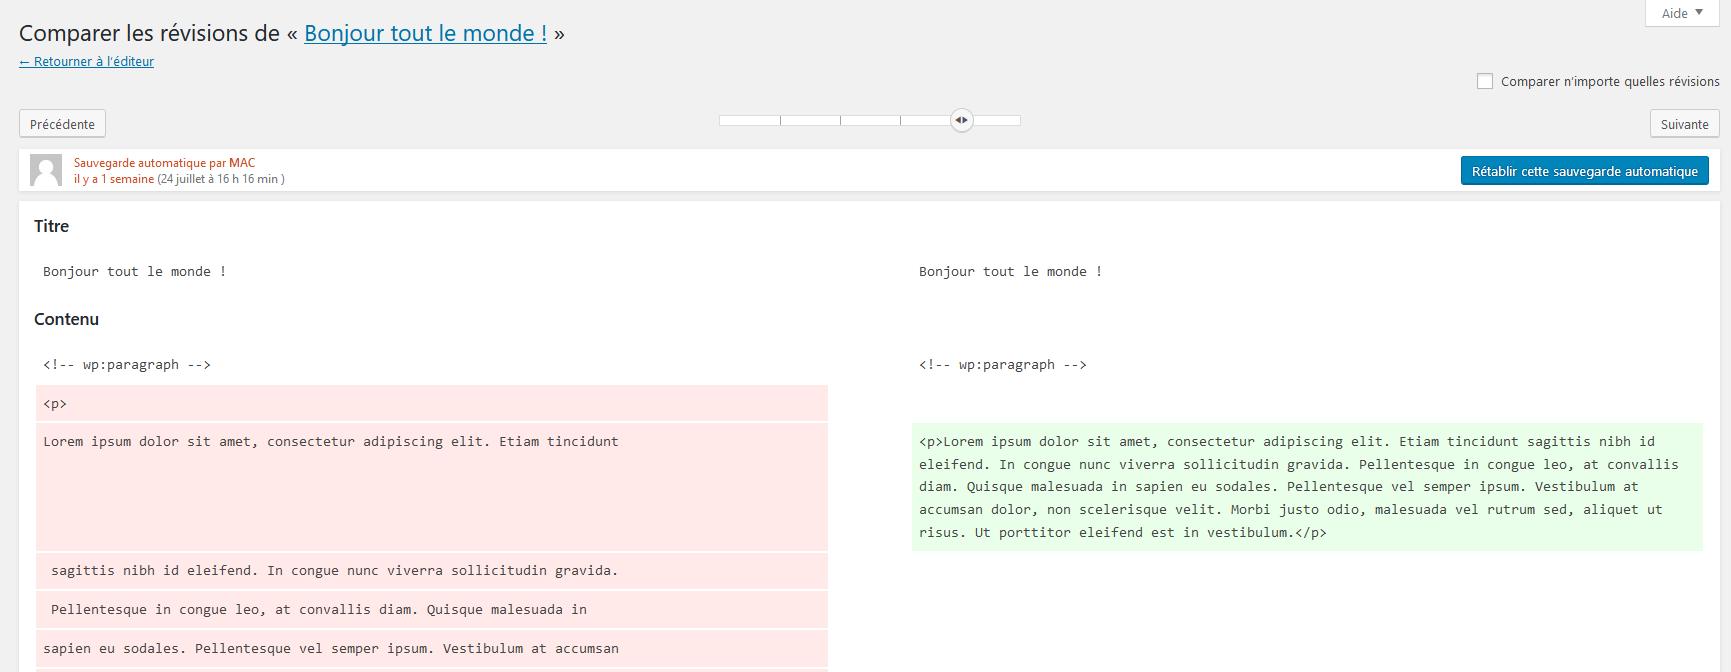 La page de révision de WordPress